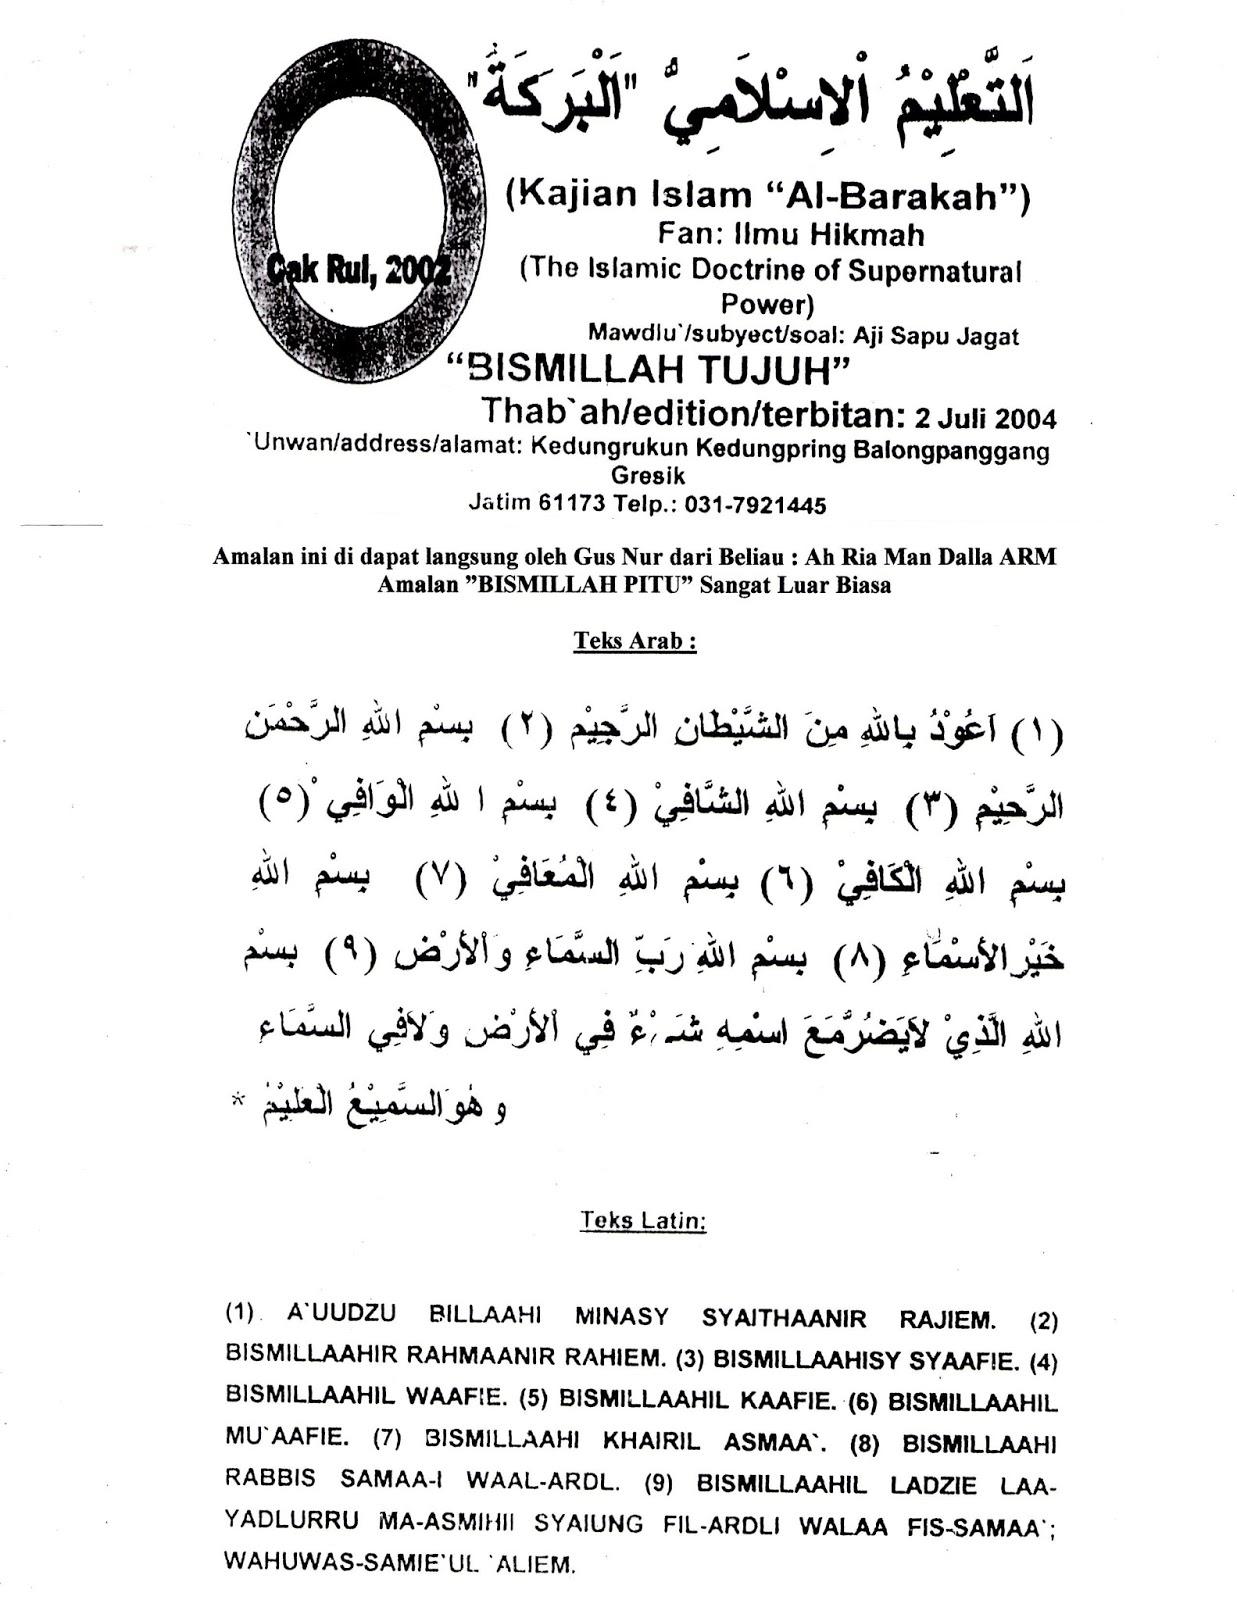 Amalan Bismillah Pitu Dari Kyai Khairul Huda